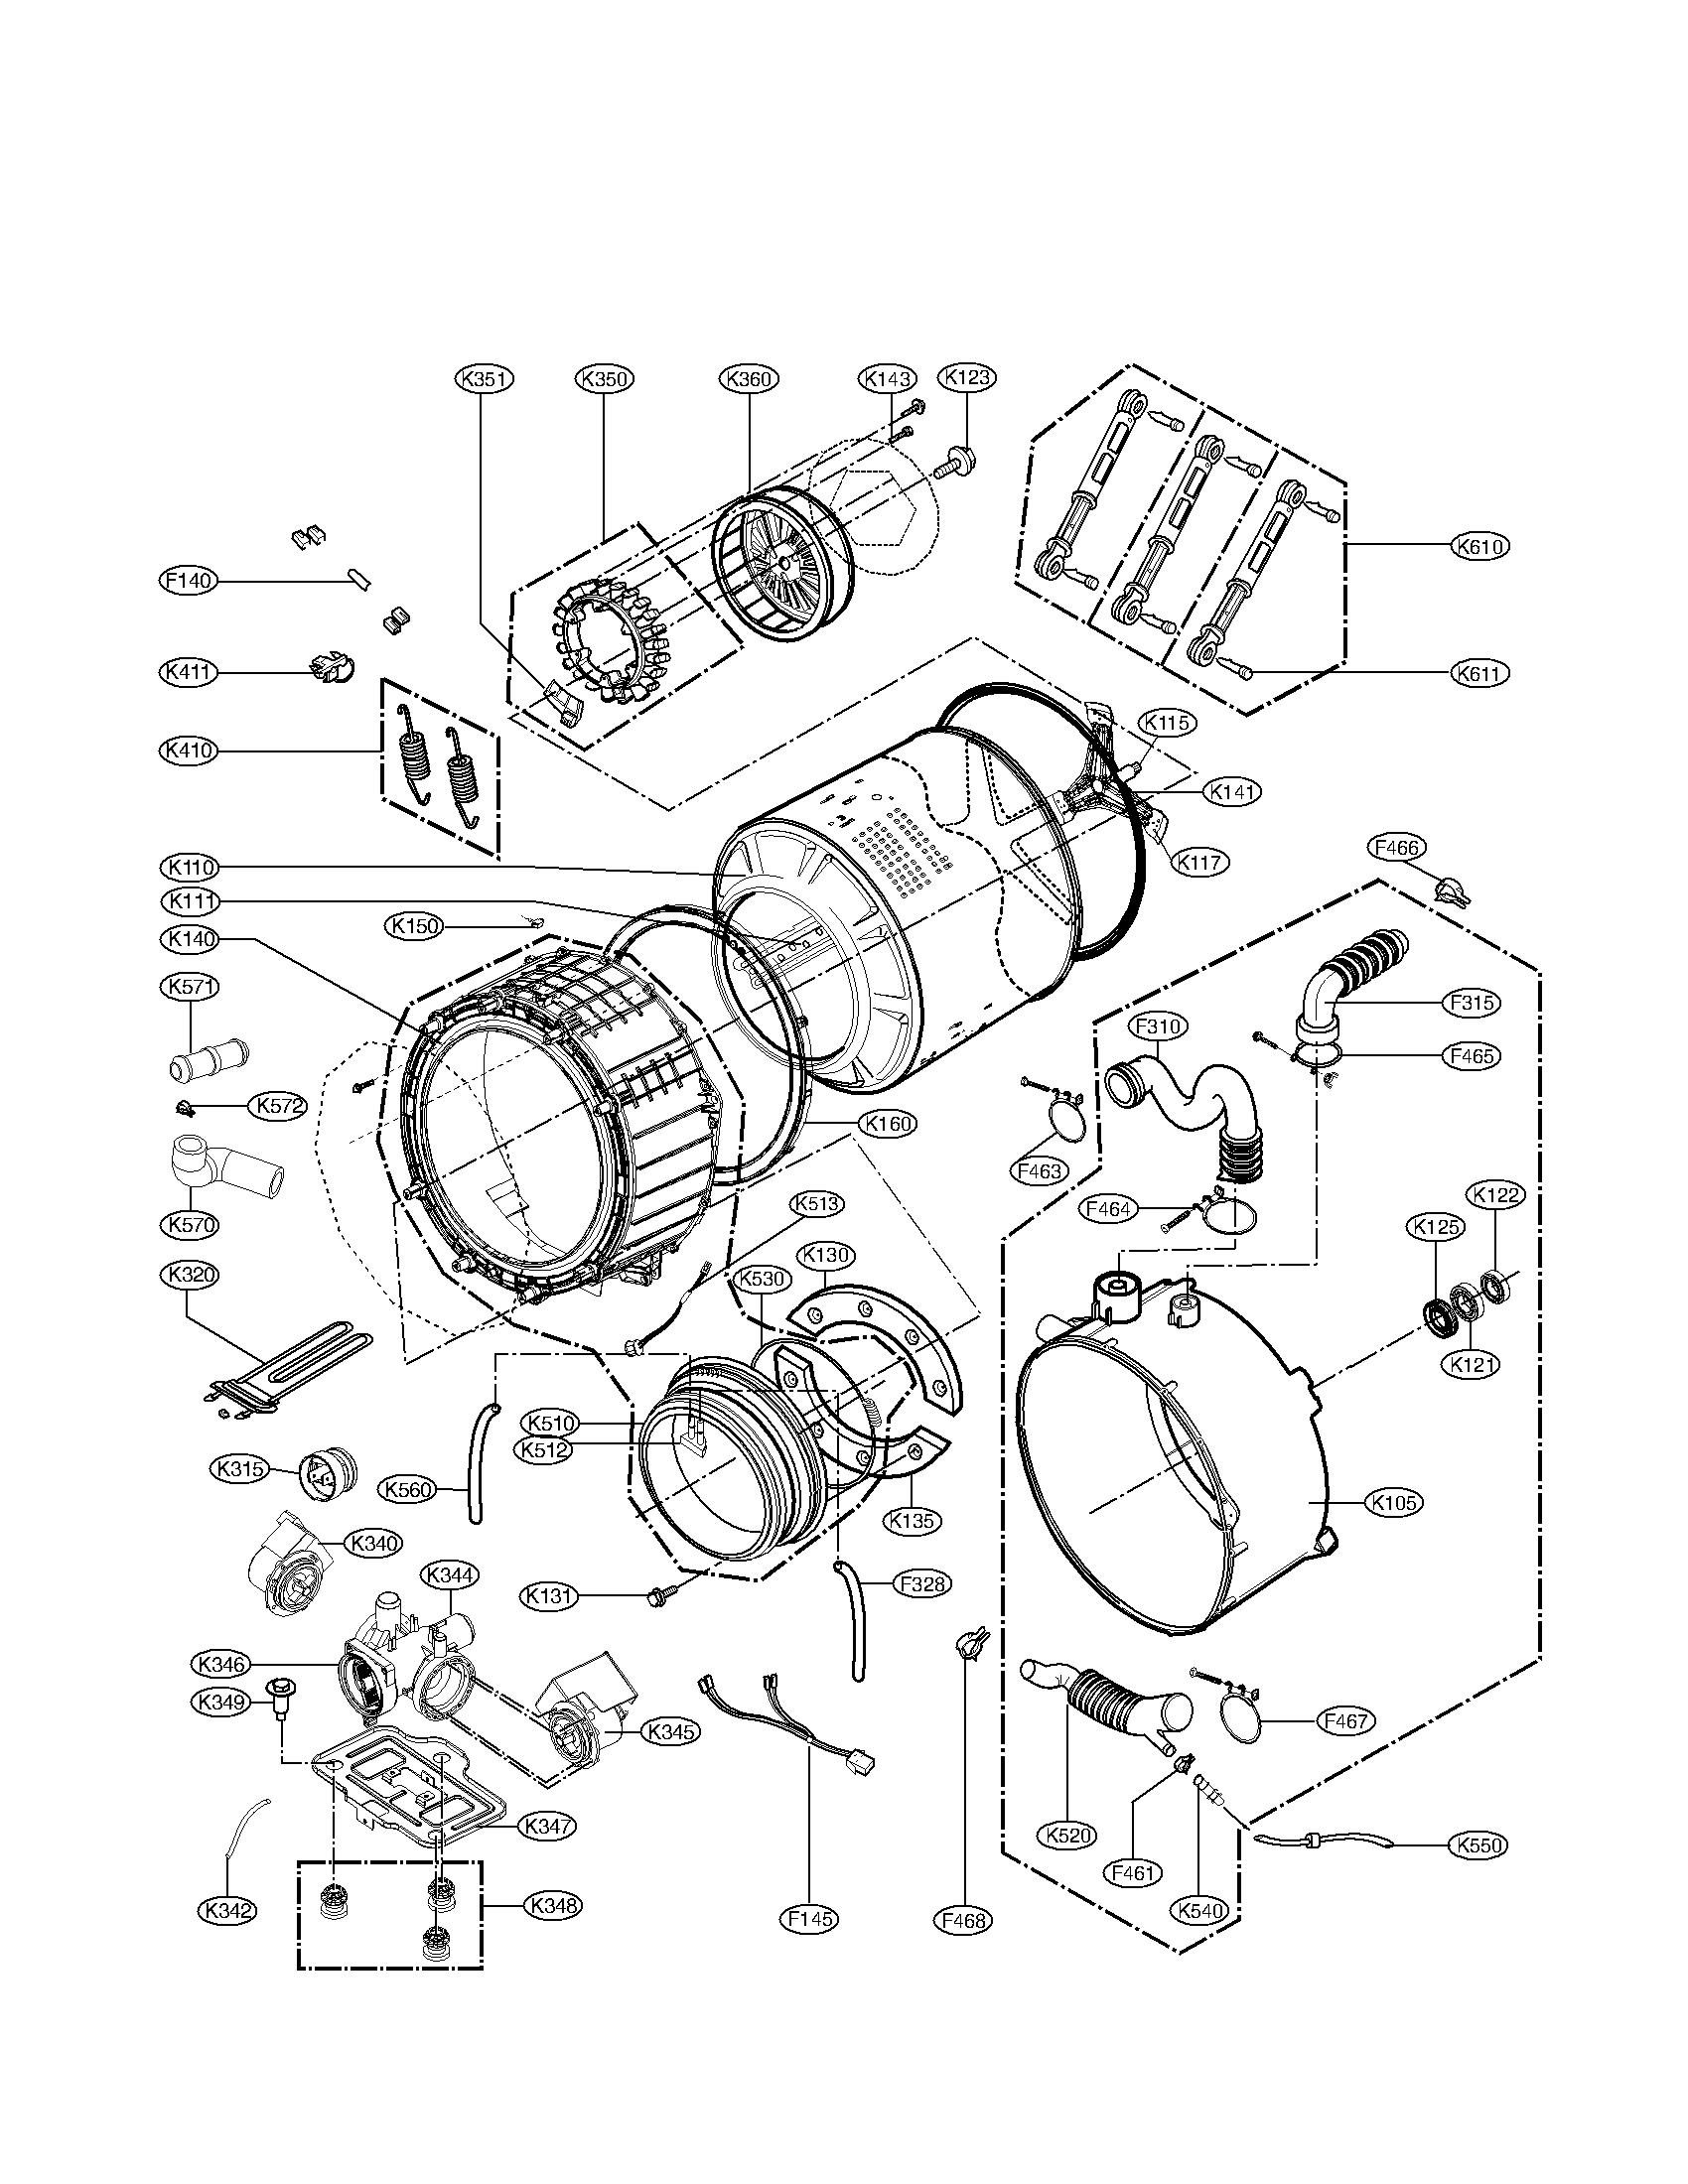 Hoover Wiring Schematics